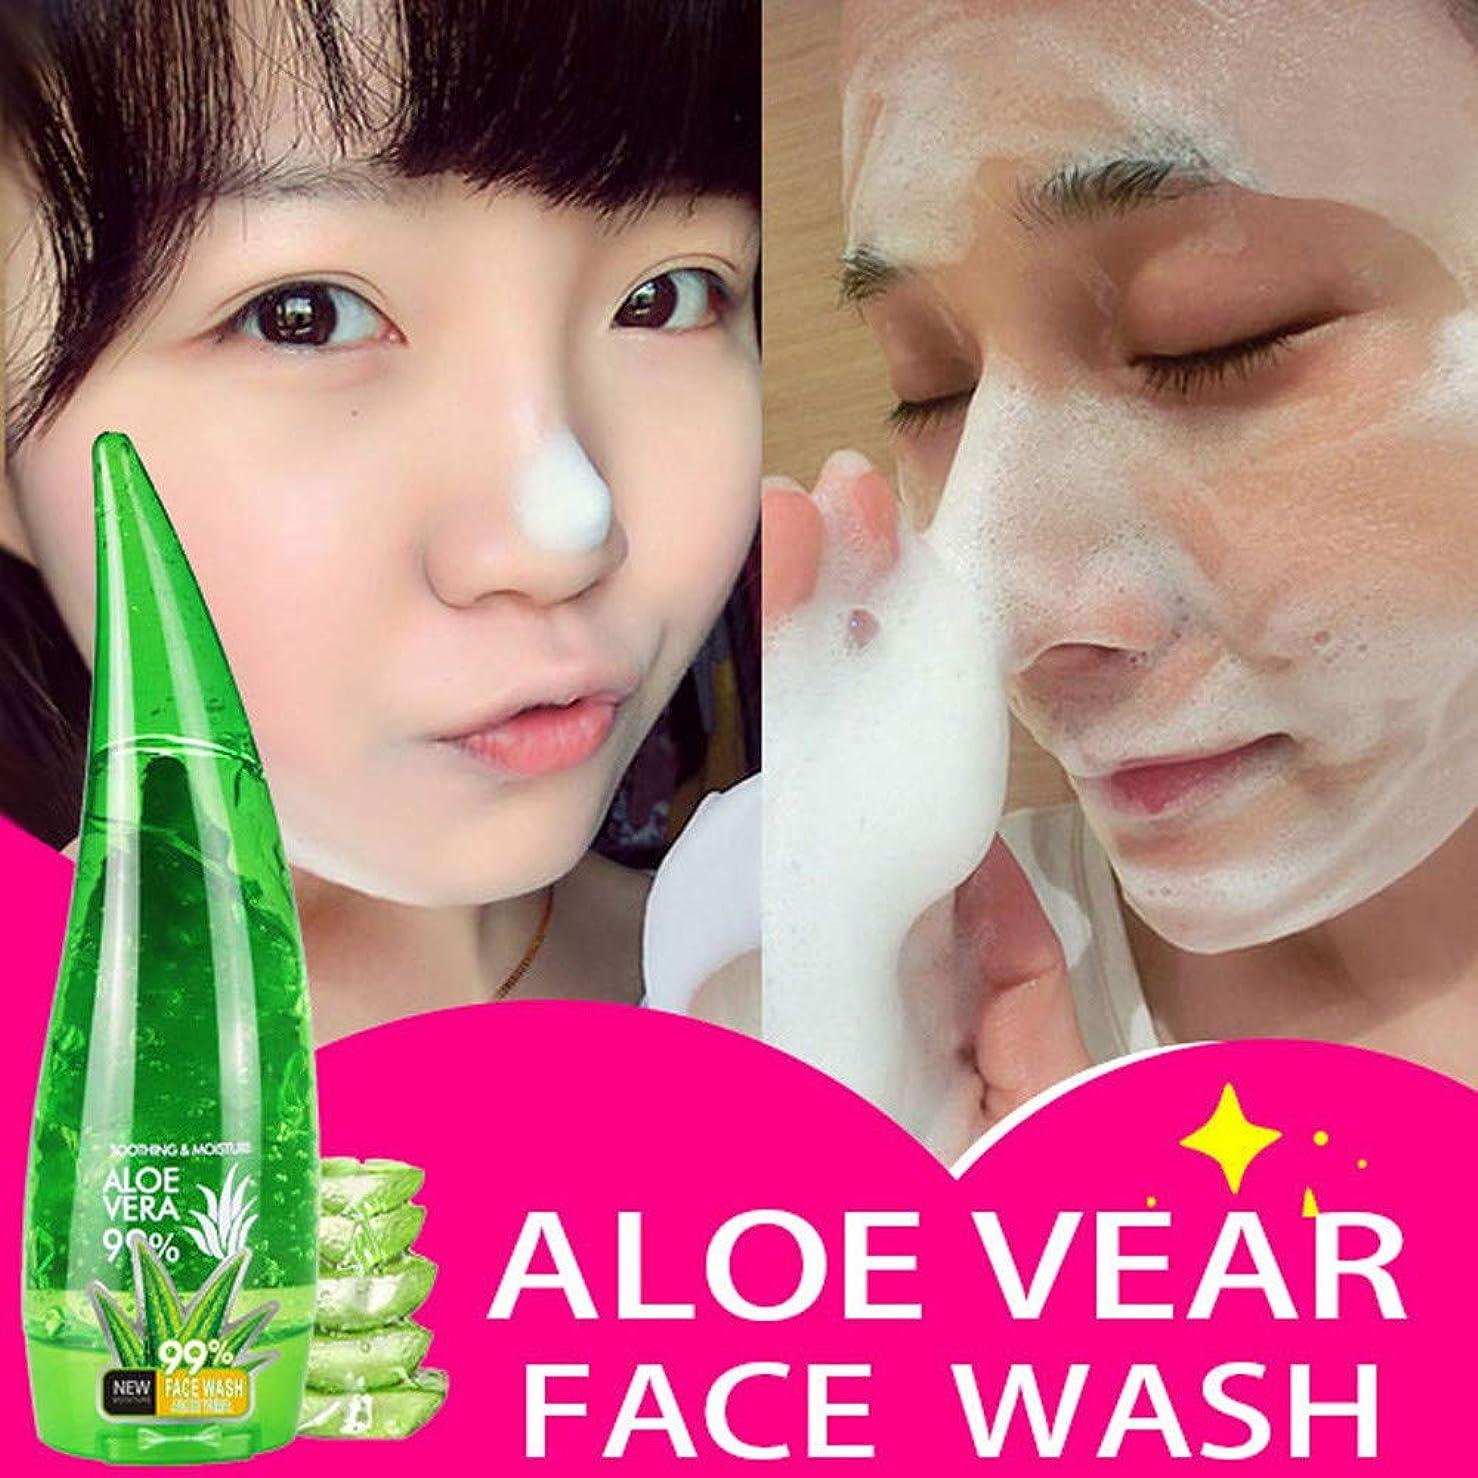 一生傑作信号Akane Pretty Cowry 顔洗い 綺麗に 素敵 水分補給 保湿 角質除去 クレンジング 浄化 オイルコントロール ジェル 使いやすい 洗顔料 アロエクリーム